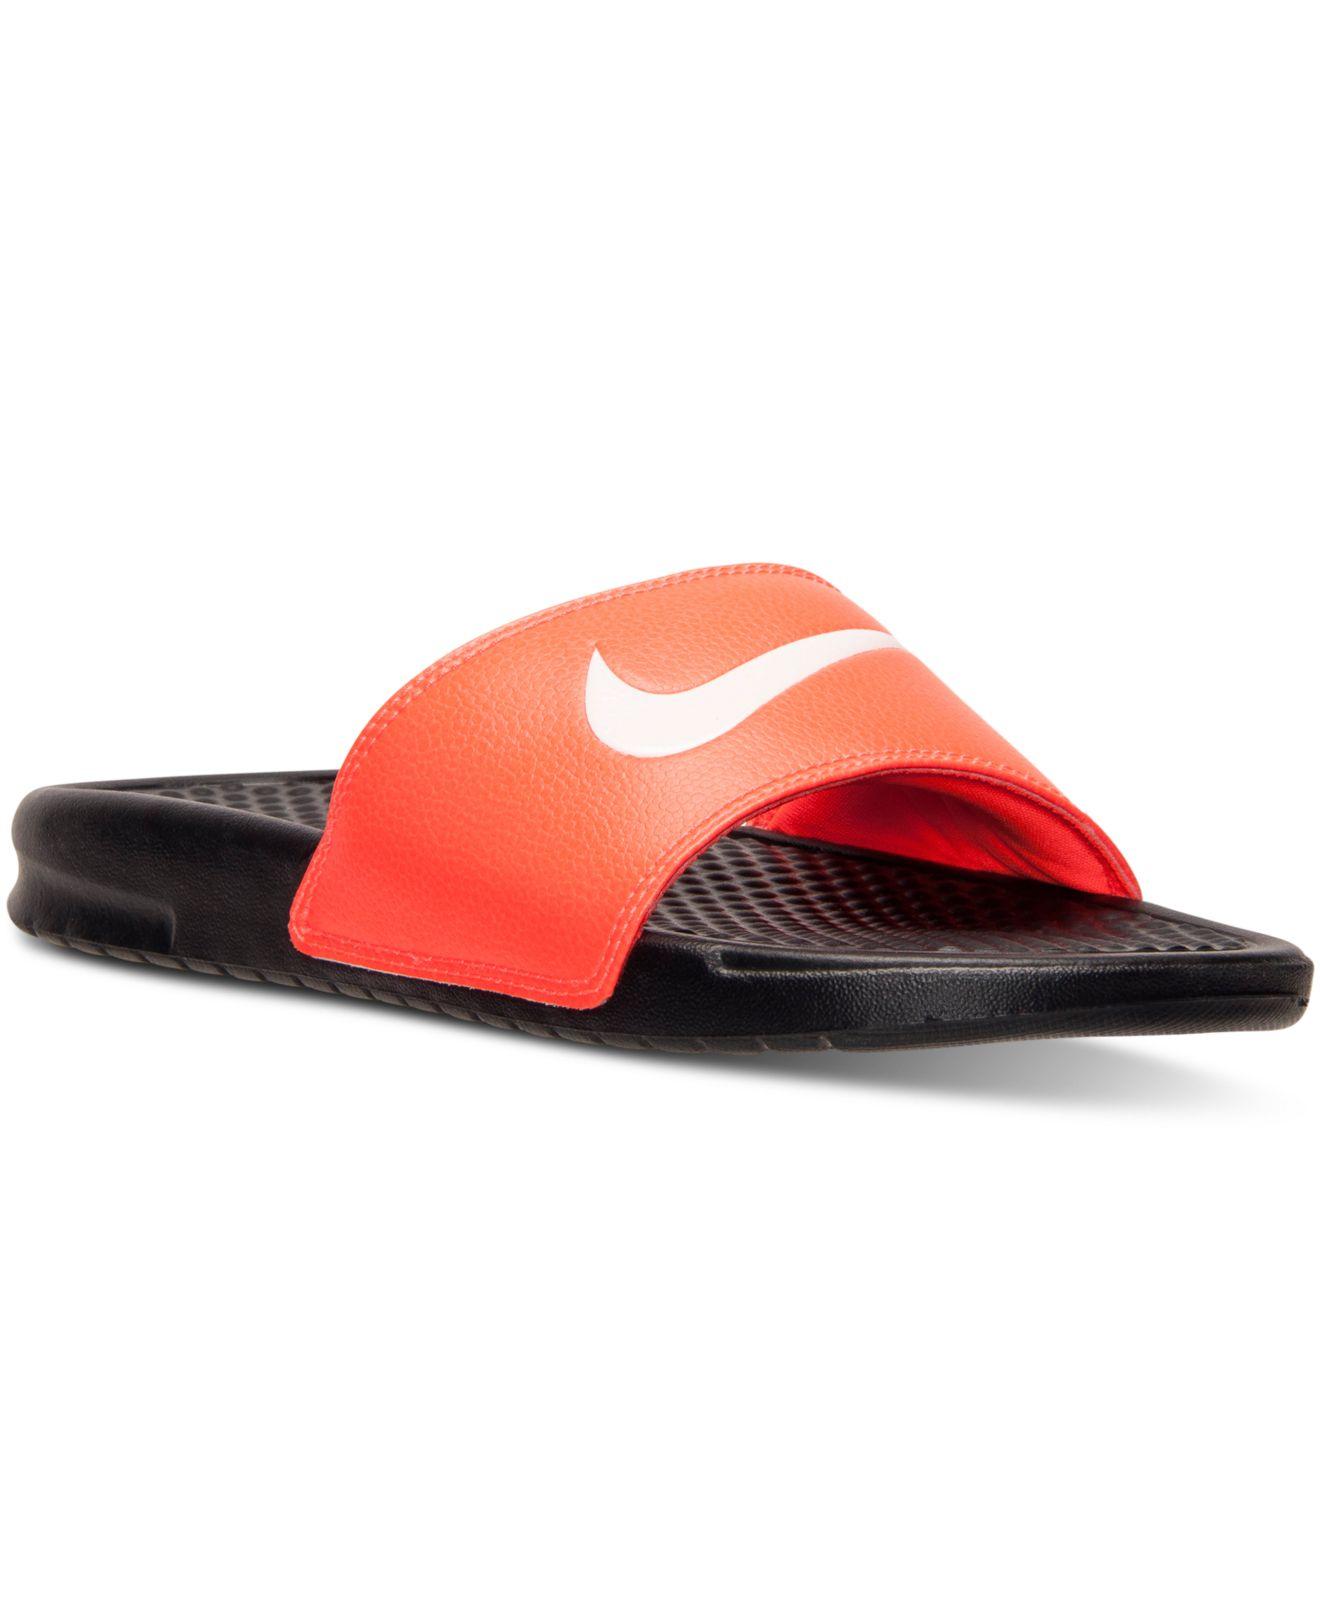 e4eacd30146053 Lyst - Nike Men s Benassi Swoosh Slide Sandals From Finish Line in ...